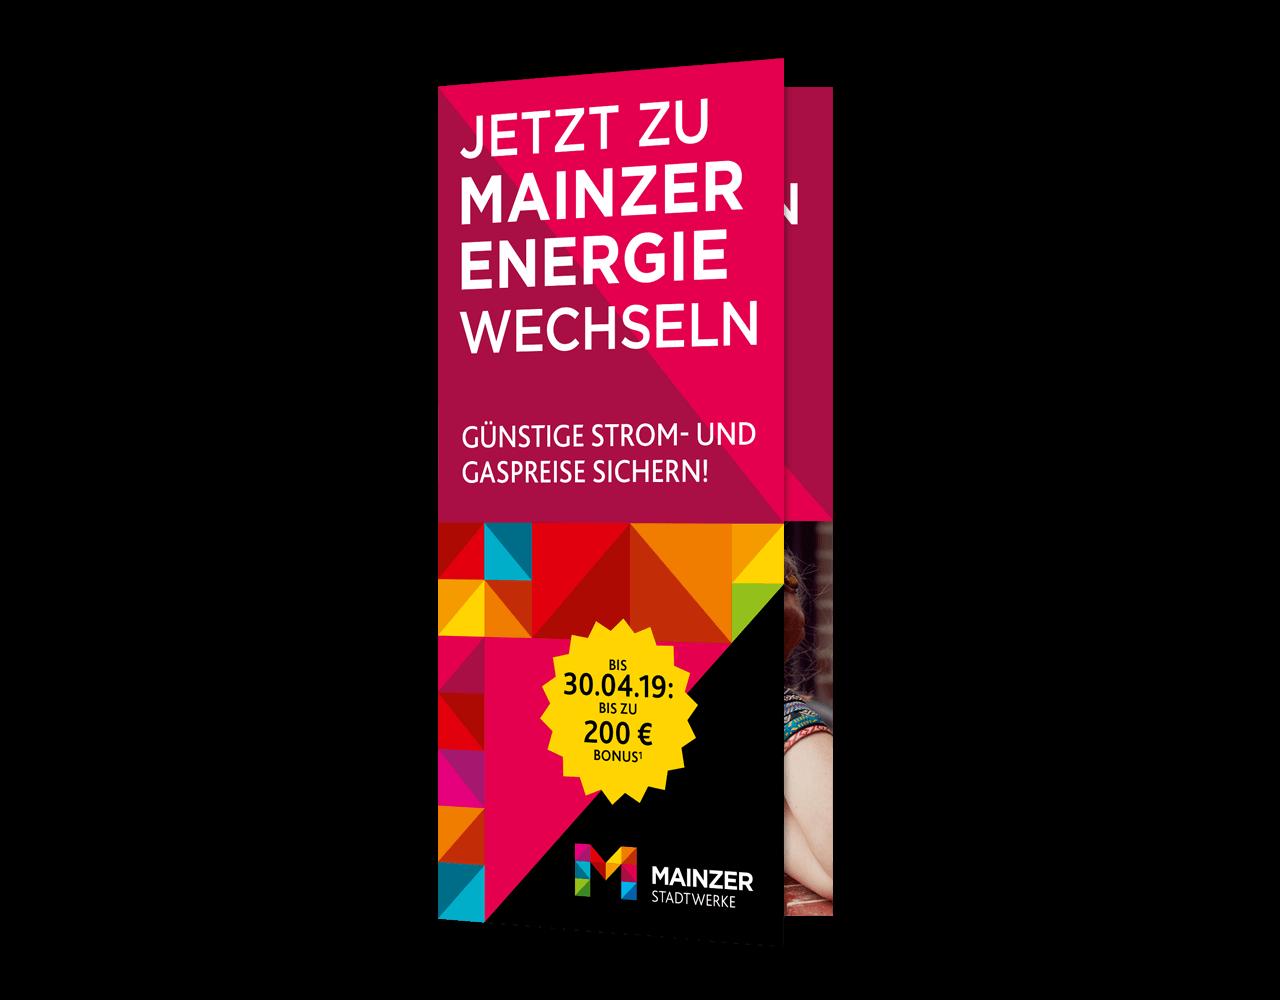 Klare Markenbotschaft der Mainzer Energie